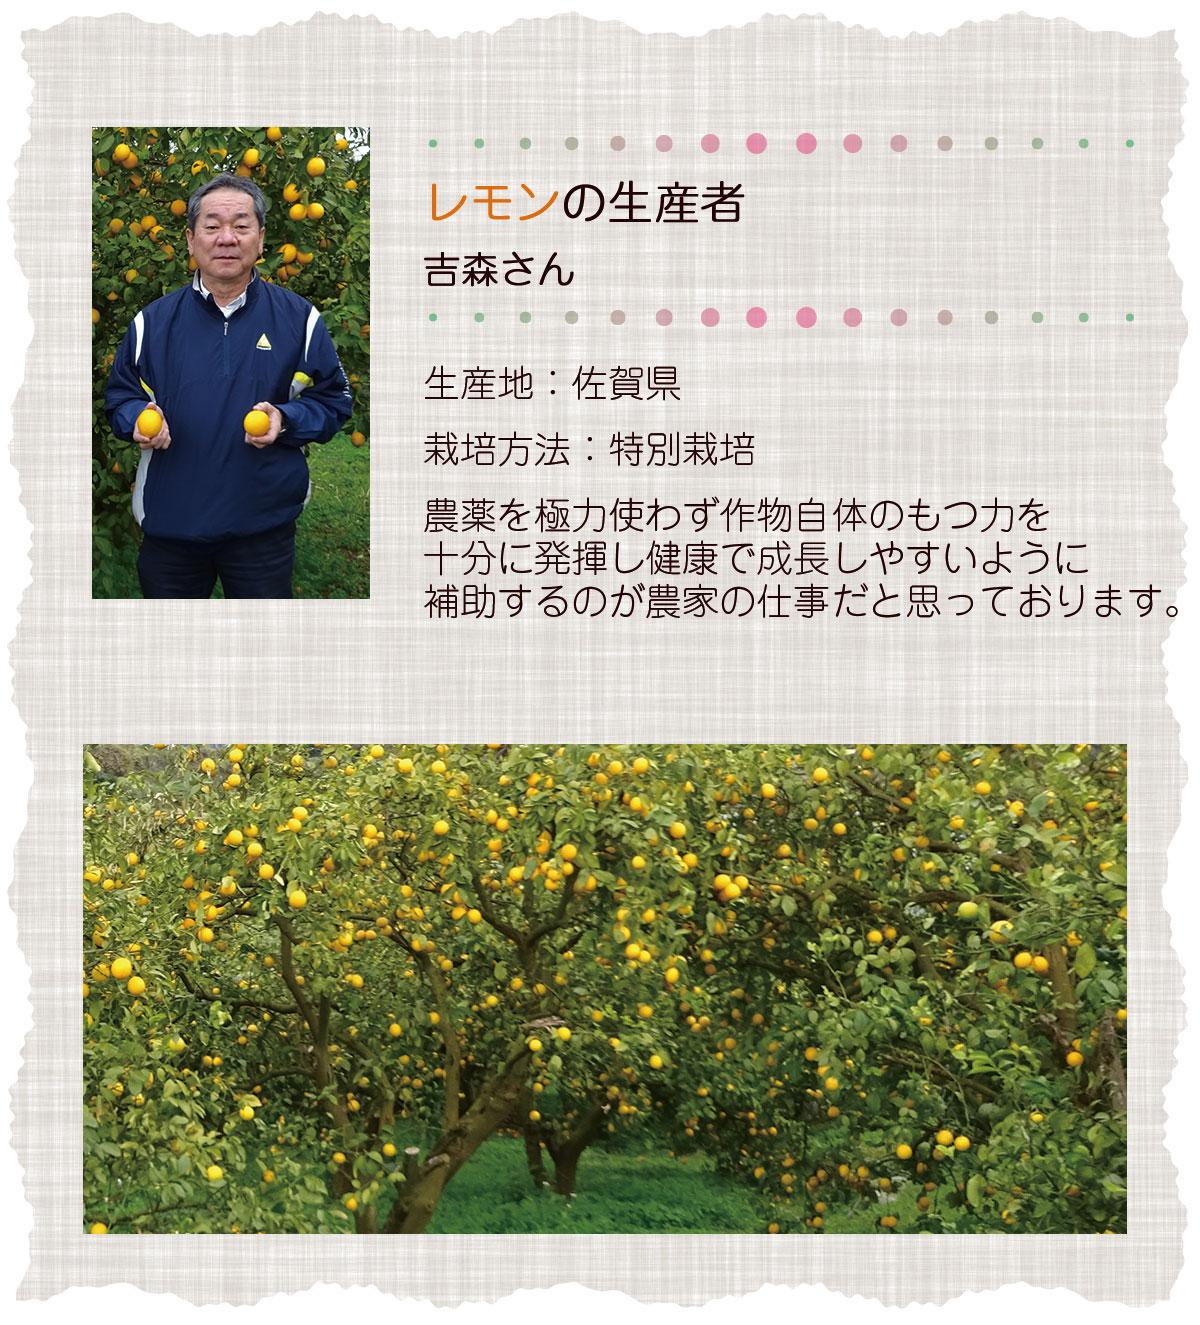 レモンの生産者 吉森さん